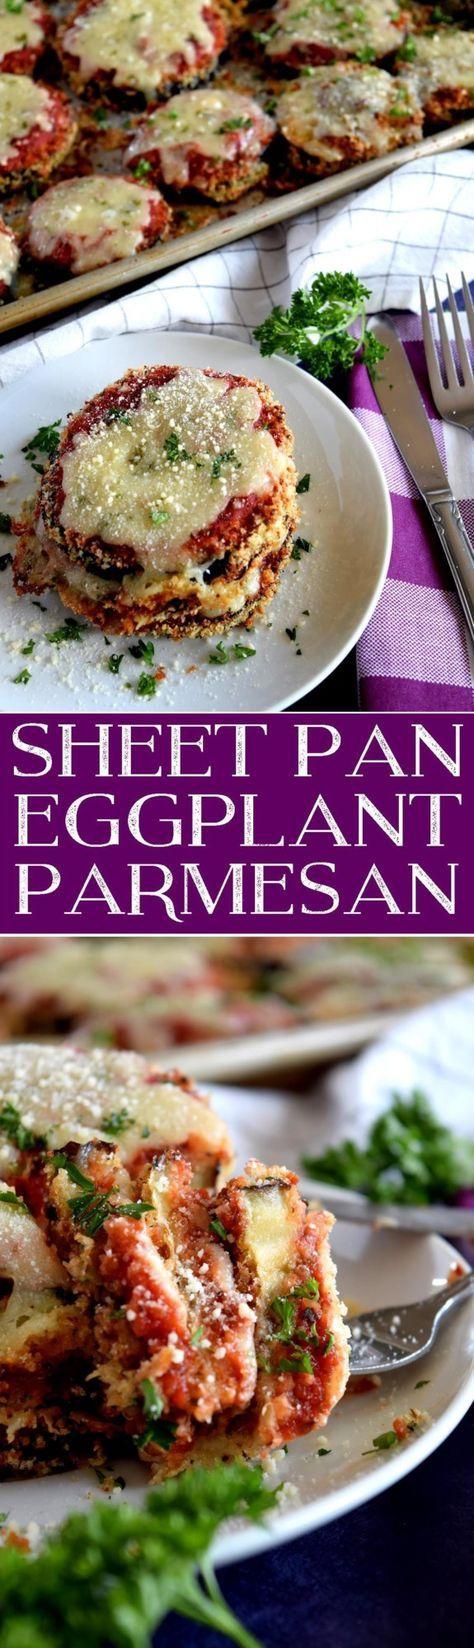 Sheet Pan Eggplant Parmesan - Lord Byron's Kitchen